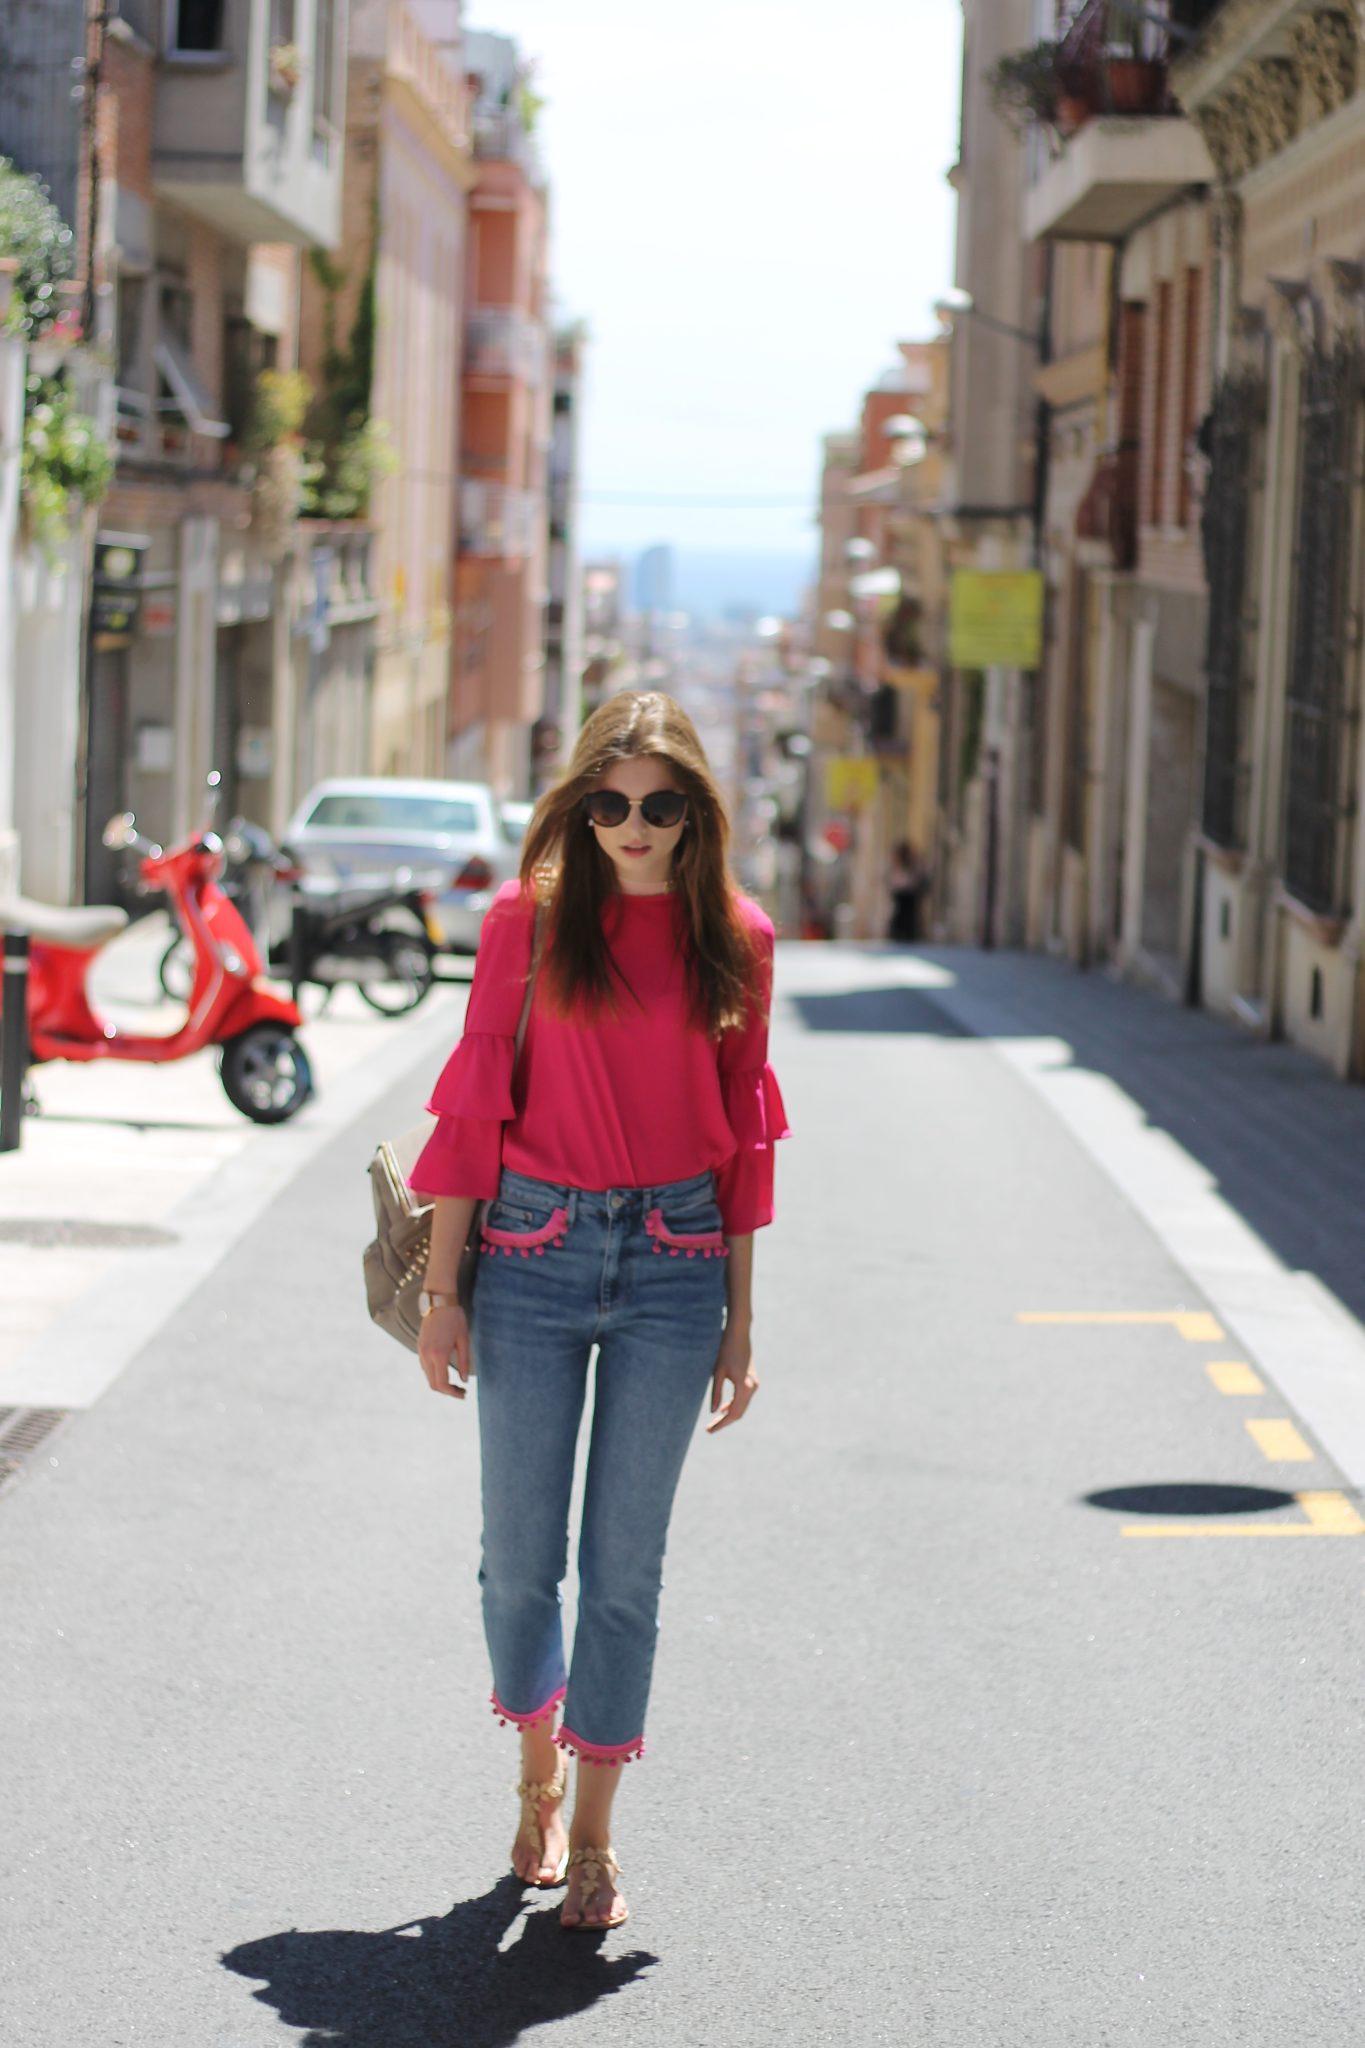 IMG 5283 - BARCELONA STREET STYLE